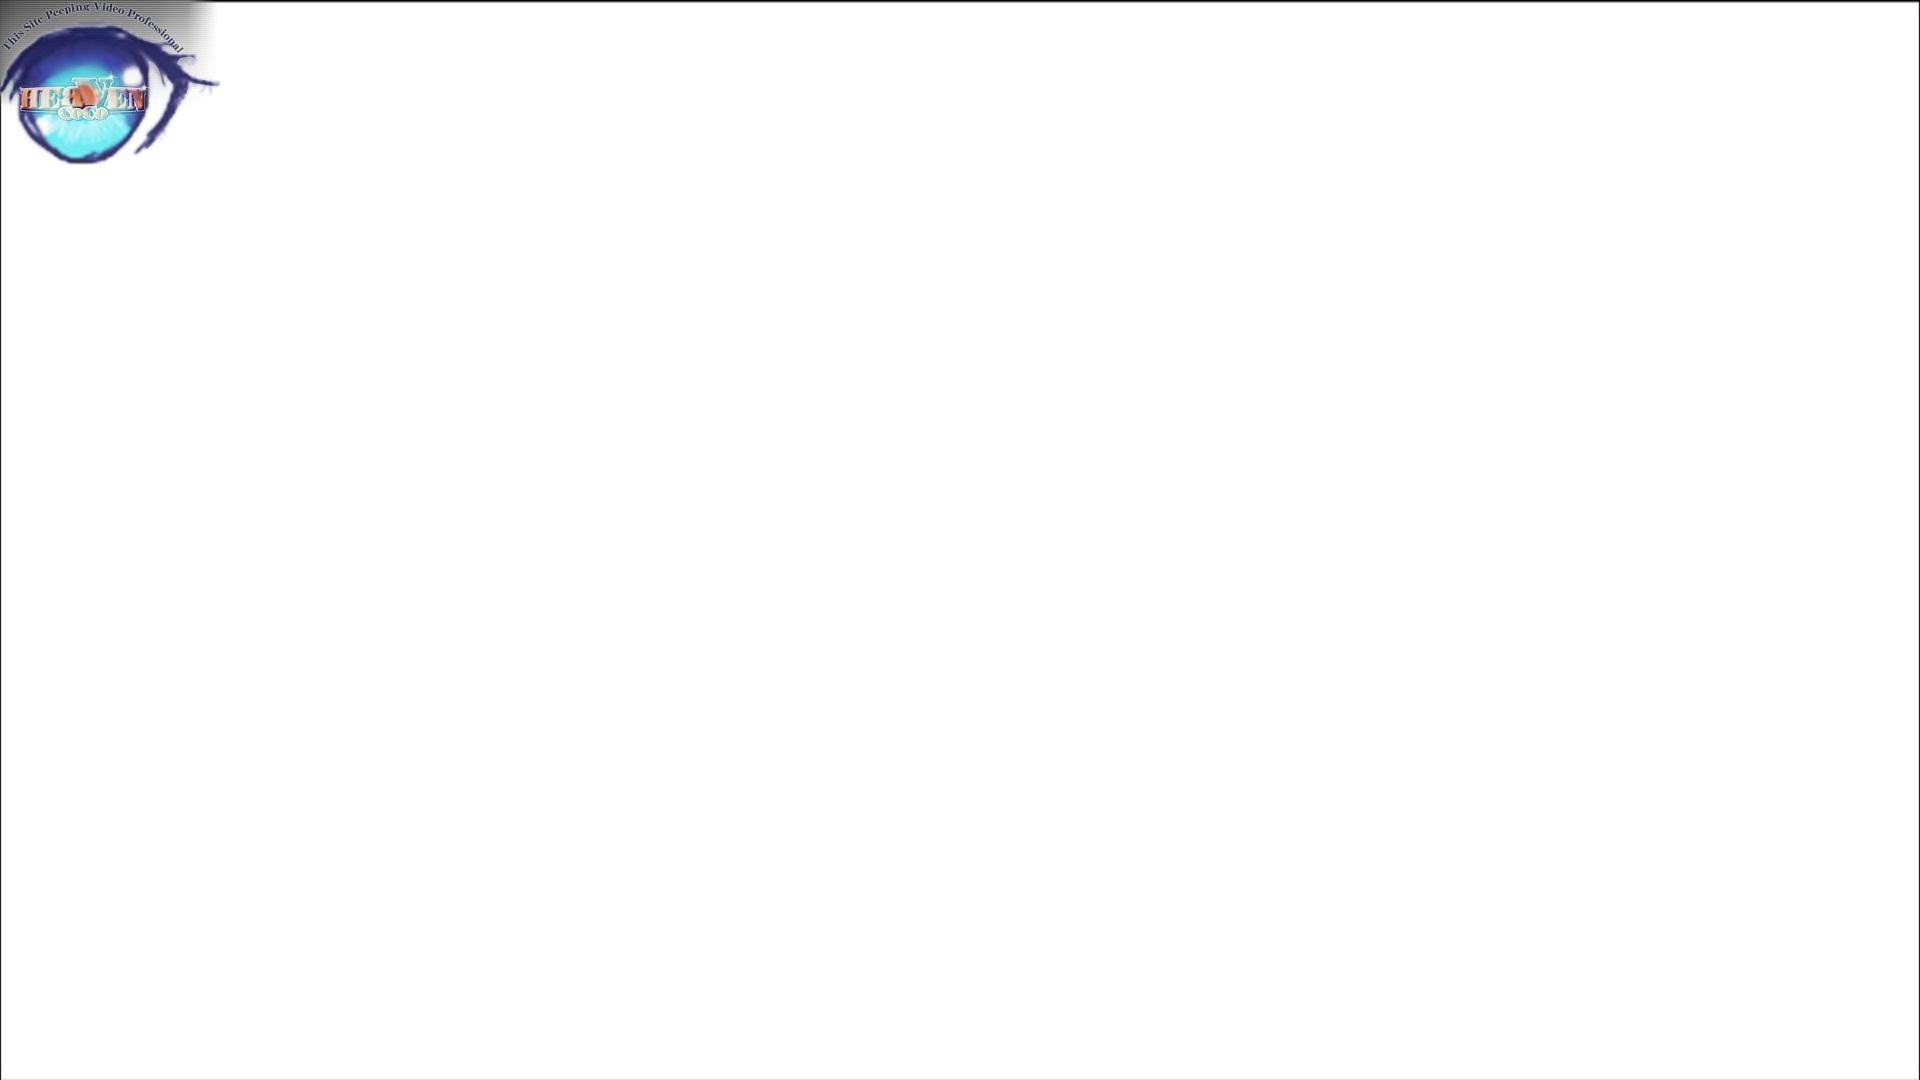 洗面所突入レポート!!お銀 vol.67 新たな場所への挑戦が始まる!!後編 洗面所編 | トイレ  100PIX 7